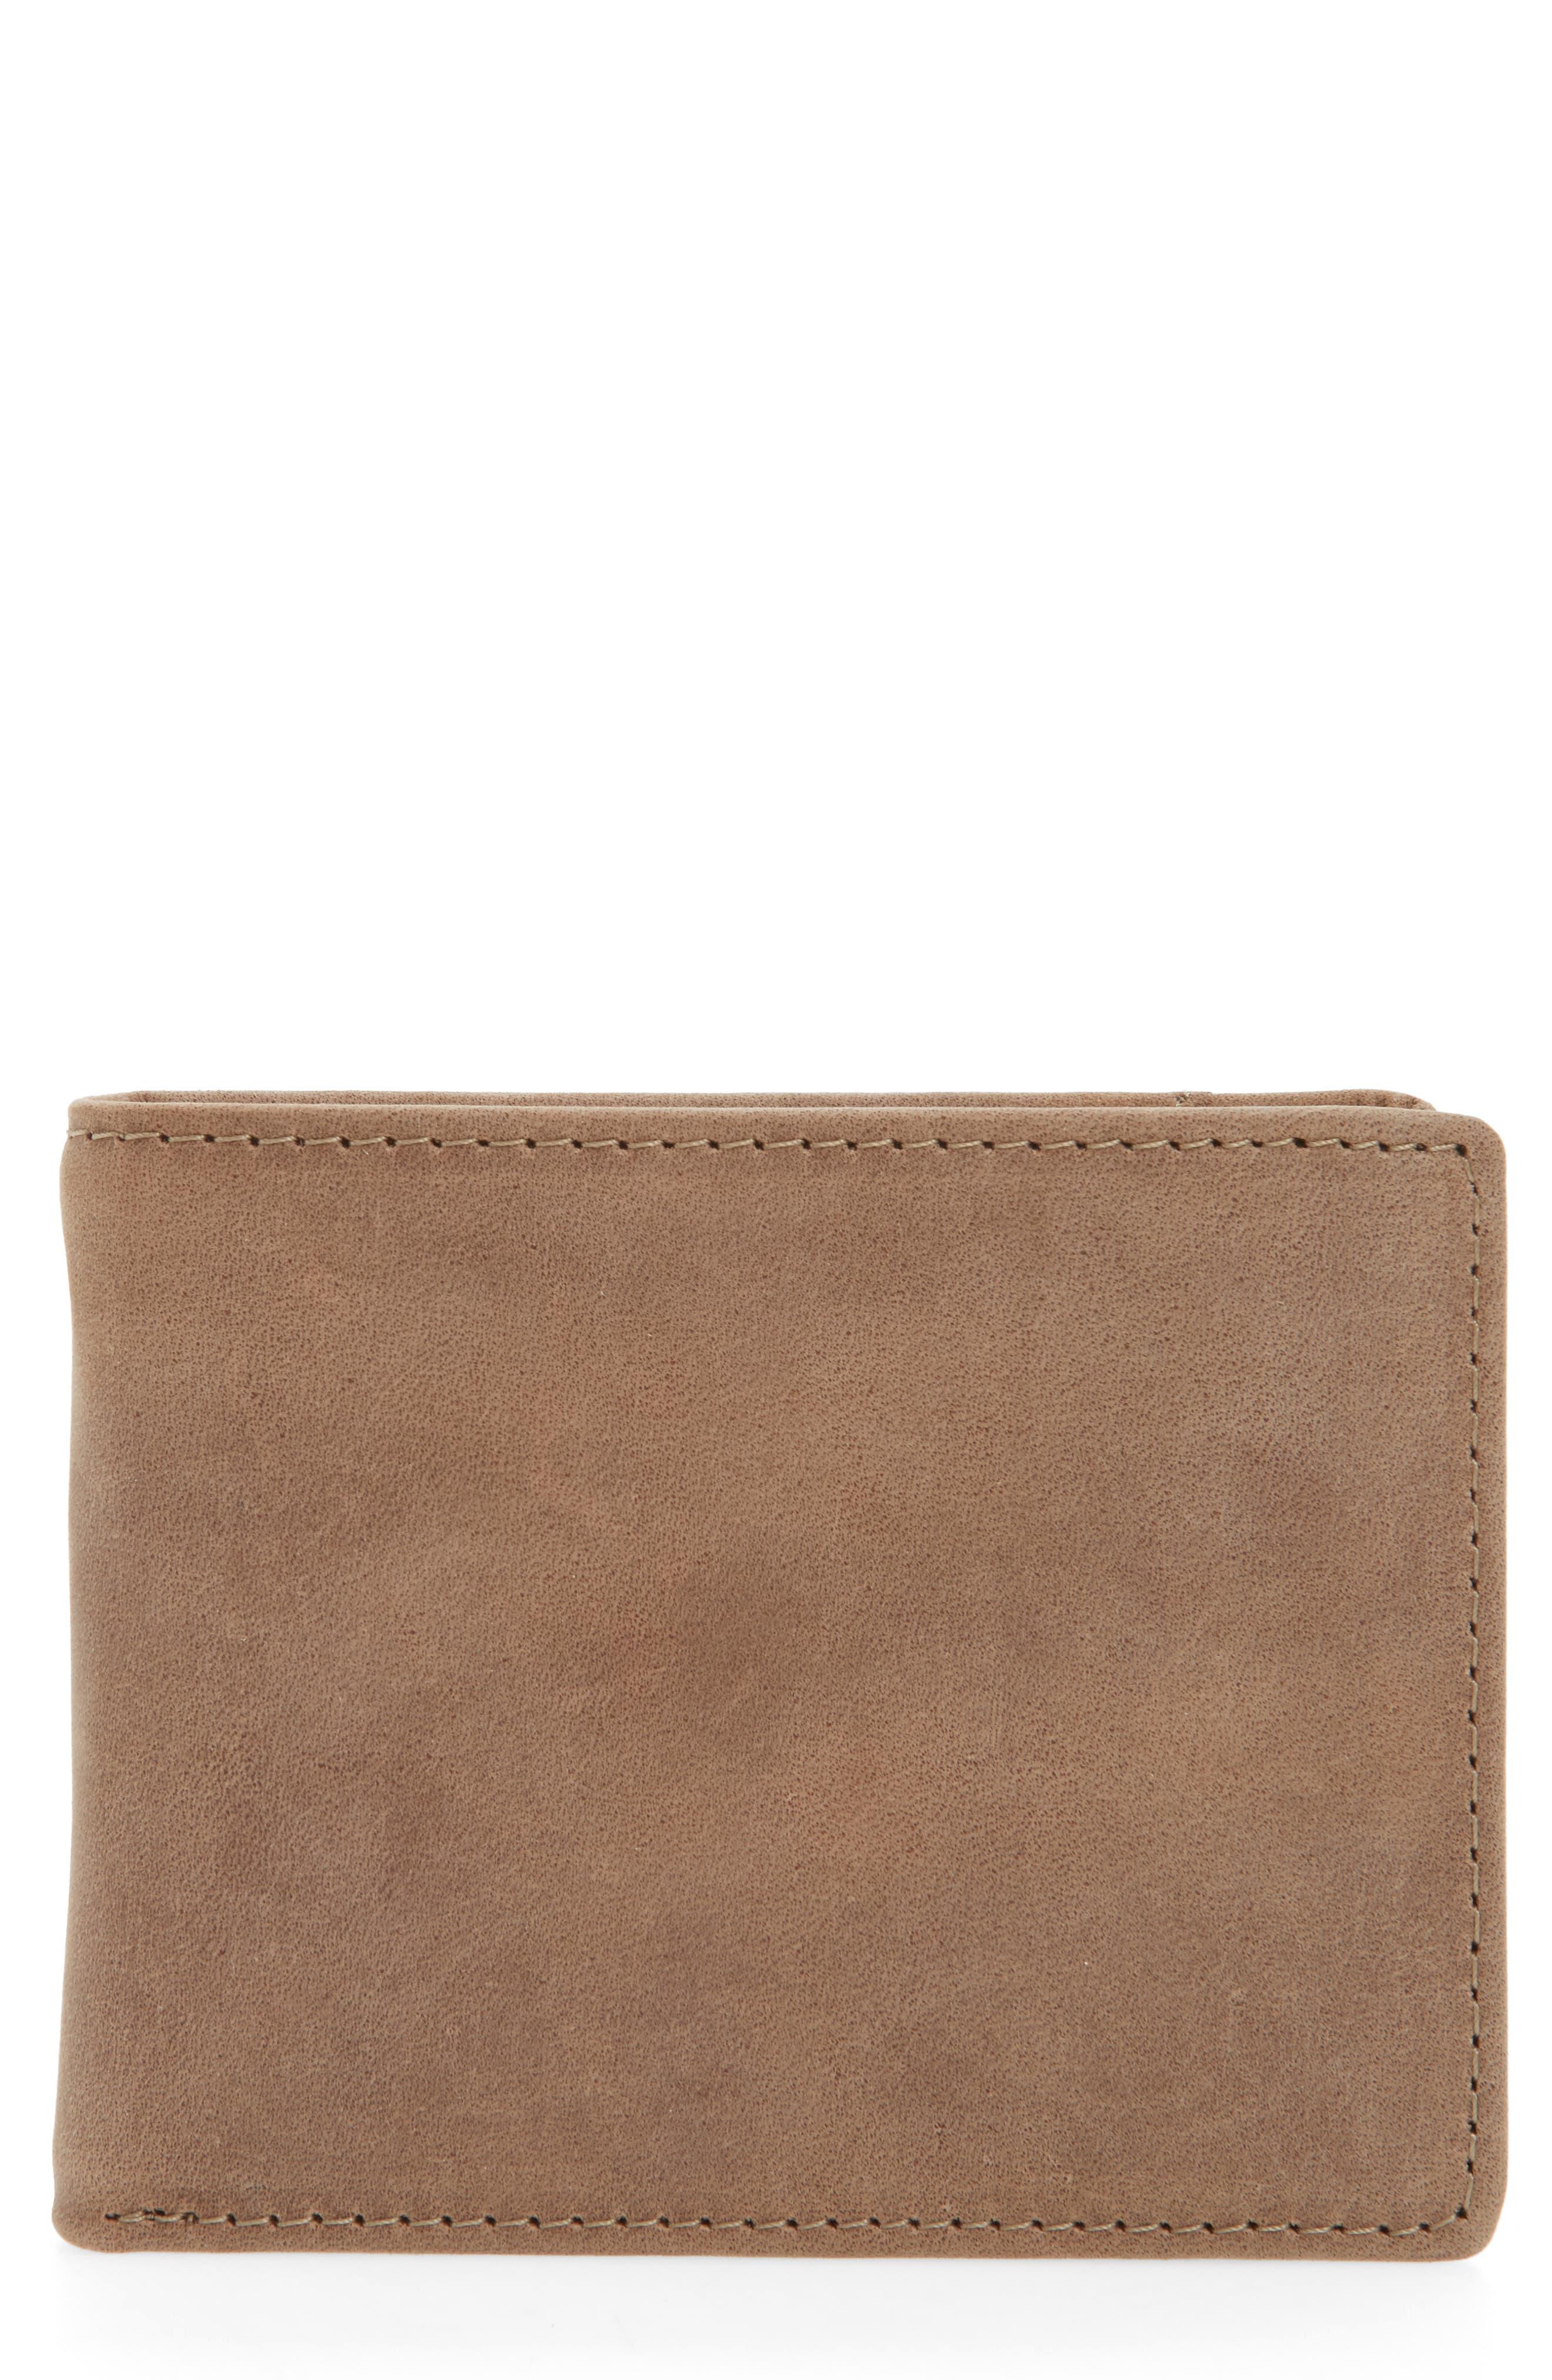 Nordstrom Men's Shop Upton Leather Wallet